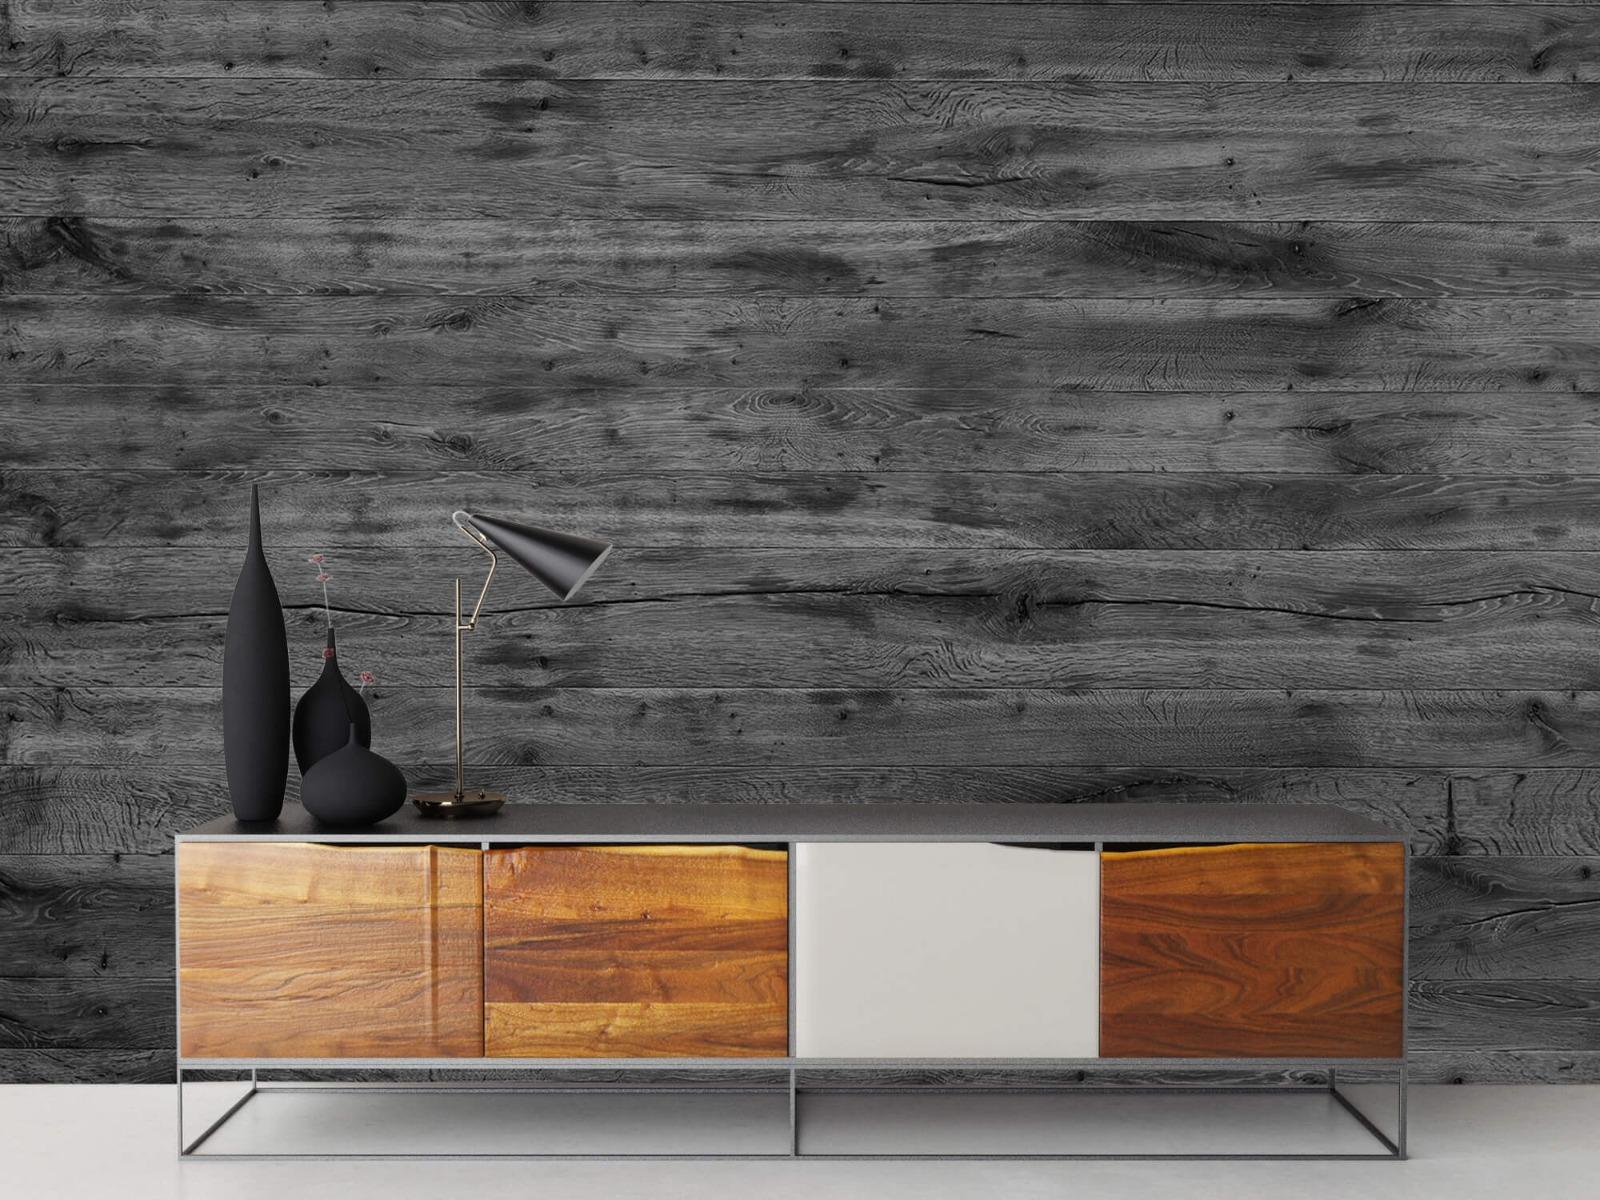 Hout behang - Grijze houten planken - Directie 18